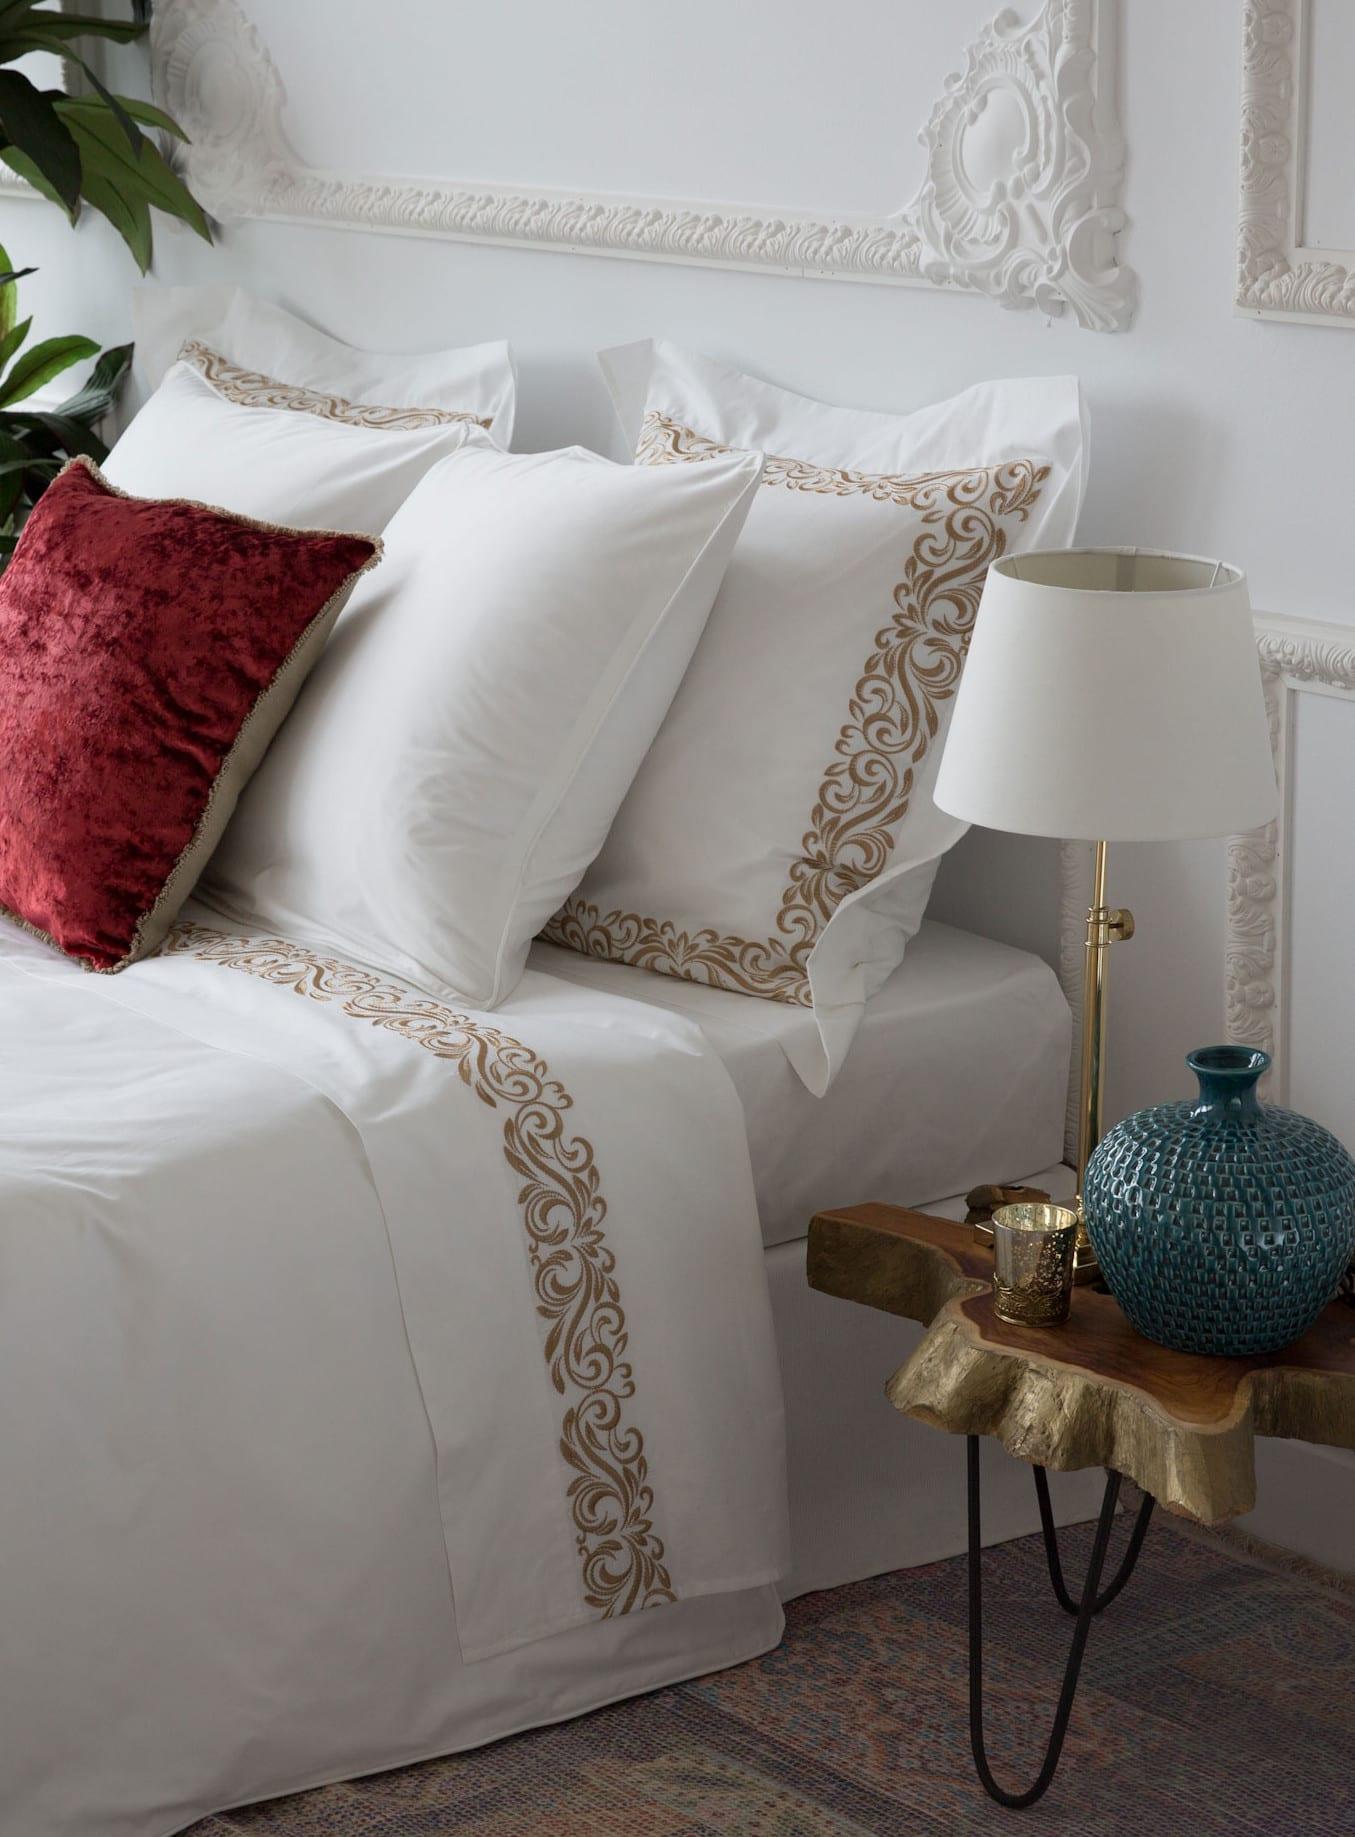 schlafzimmer einrichten mit zara home - freshouse, Schlafzimmer entwurf